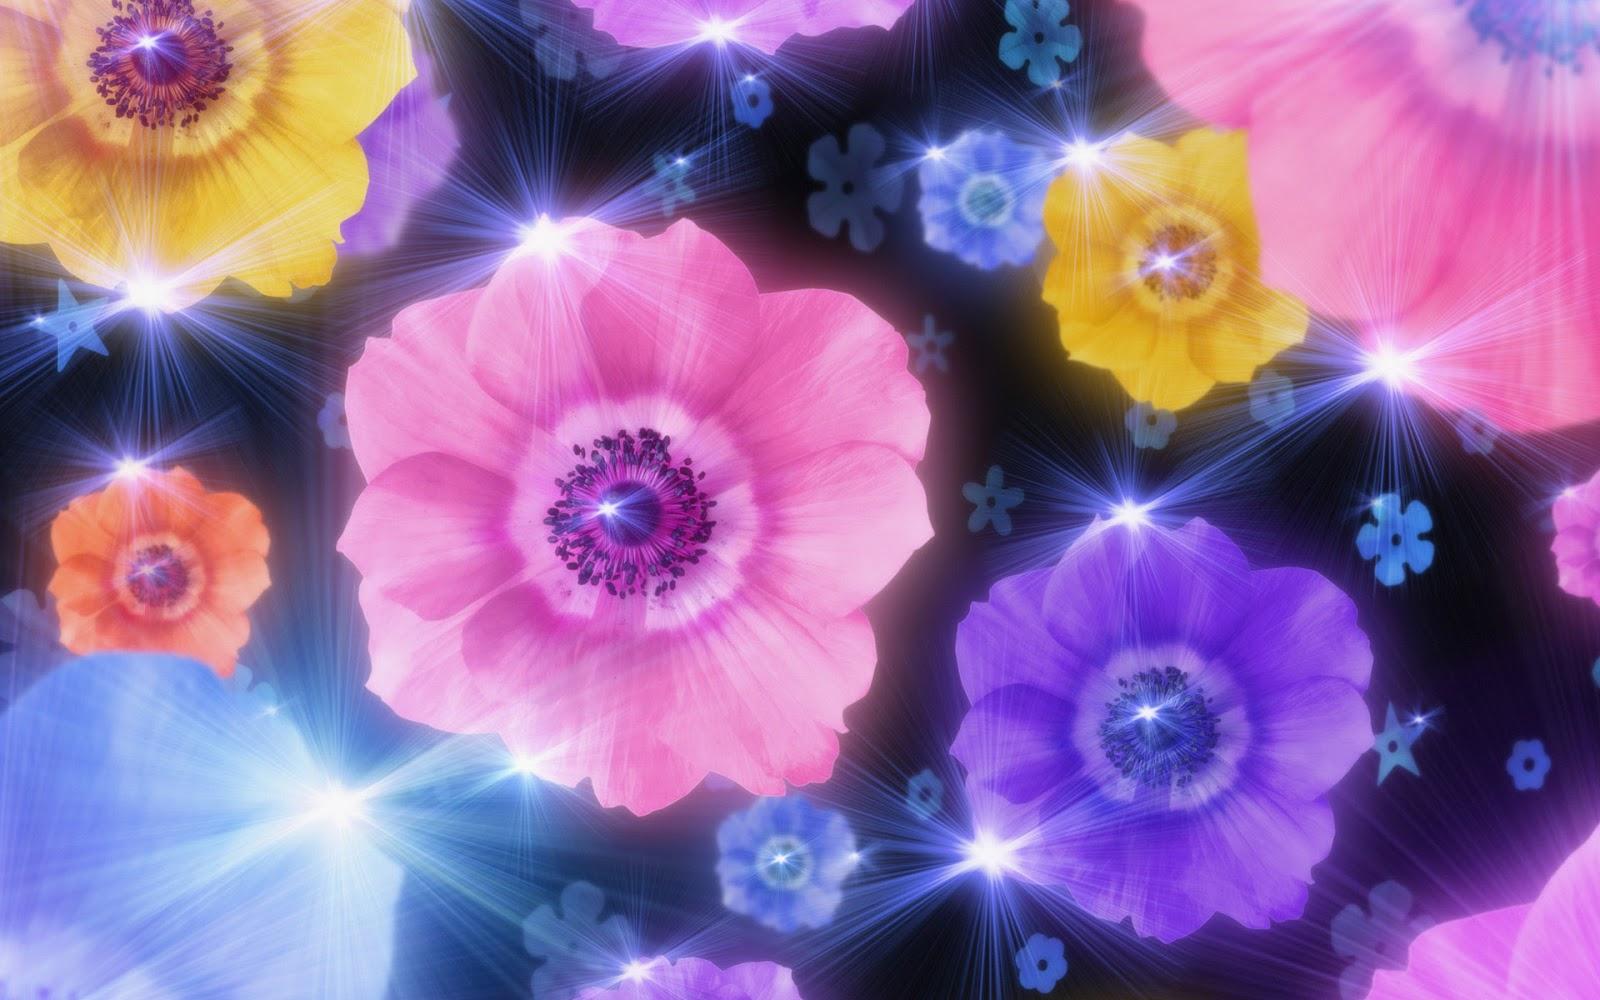 Flower Flower Hd Photos Flower Wallpapers Flower Pics Flower 1080p